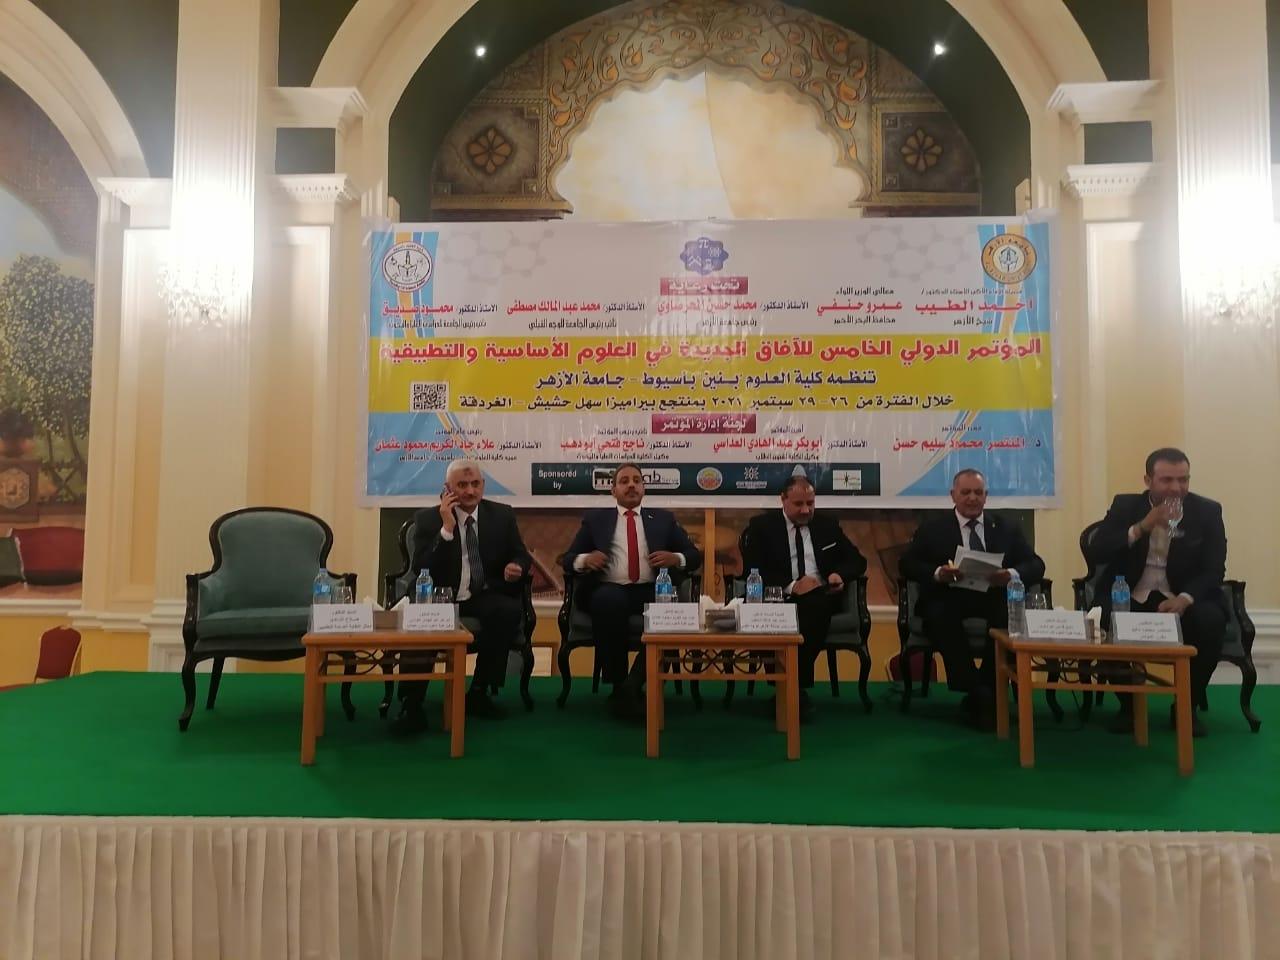 انطلاق المؤتمر الدولي الخامس لـ;علوم أزهر أسيوط; في الغردقة